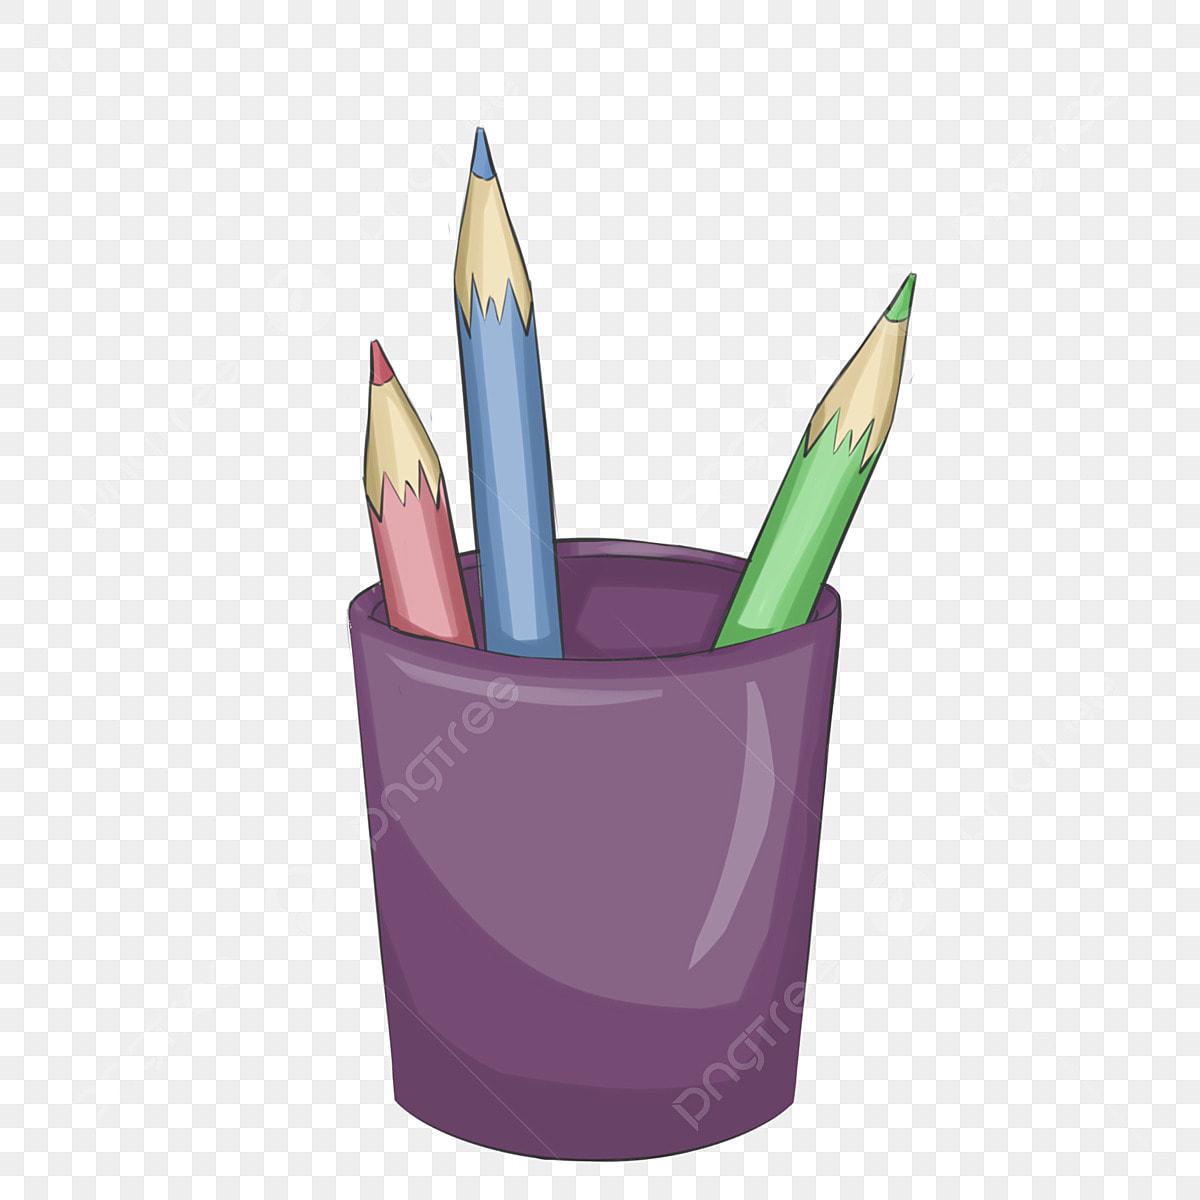 Bút Màu Tím đồ Dùng Học Tập Bút Chì Màu Hộp đựng Bút đẹp